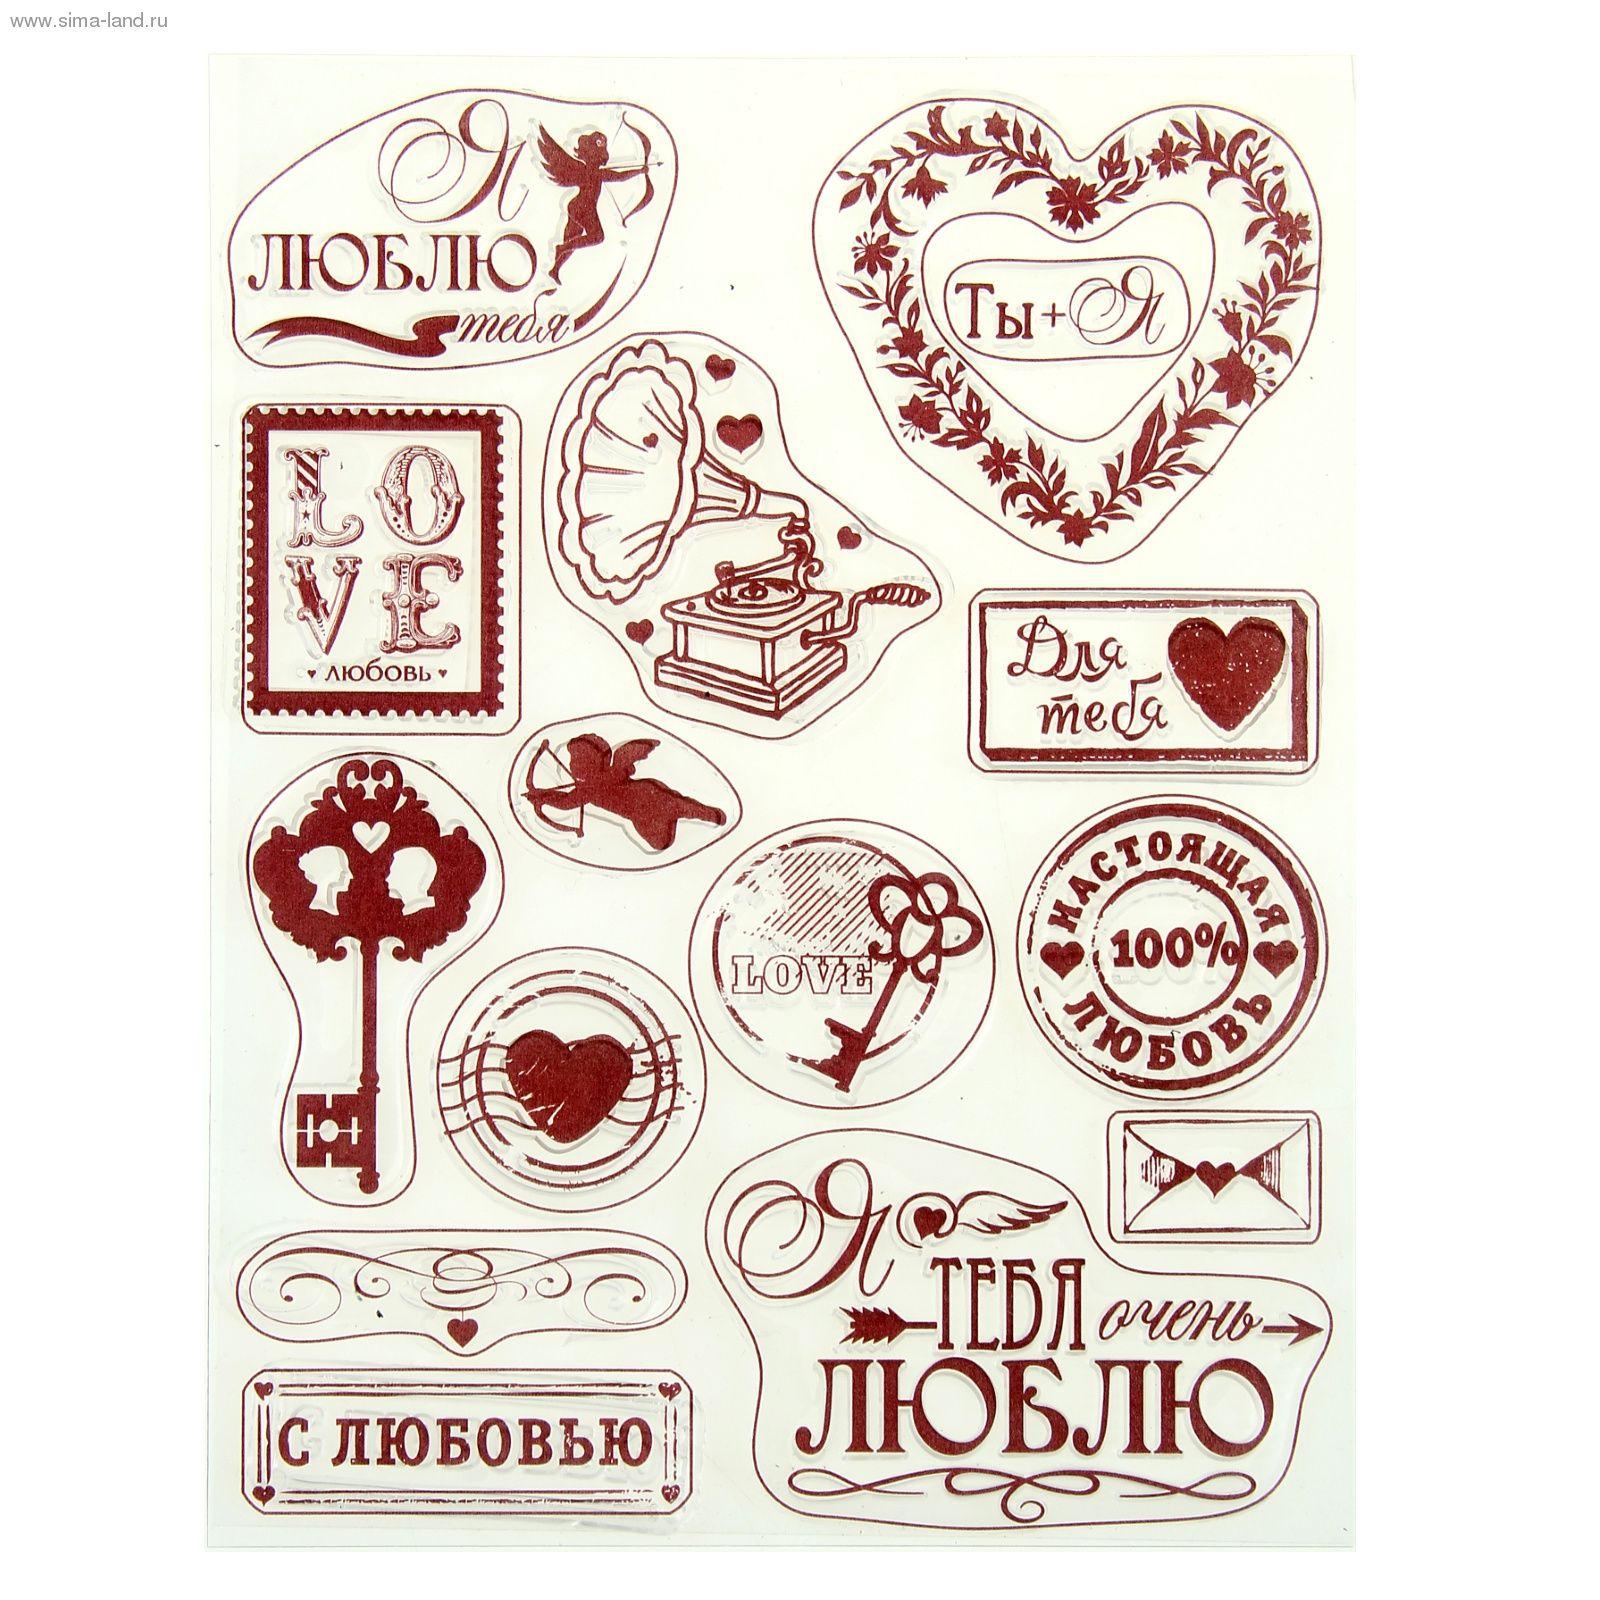 Картинках, штампики открытки